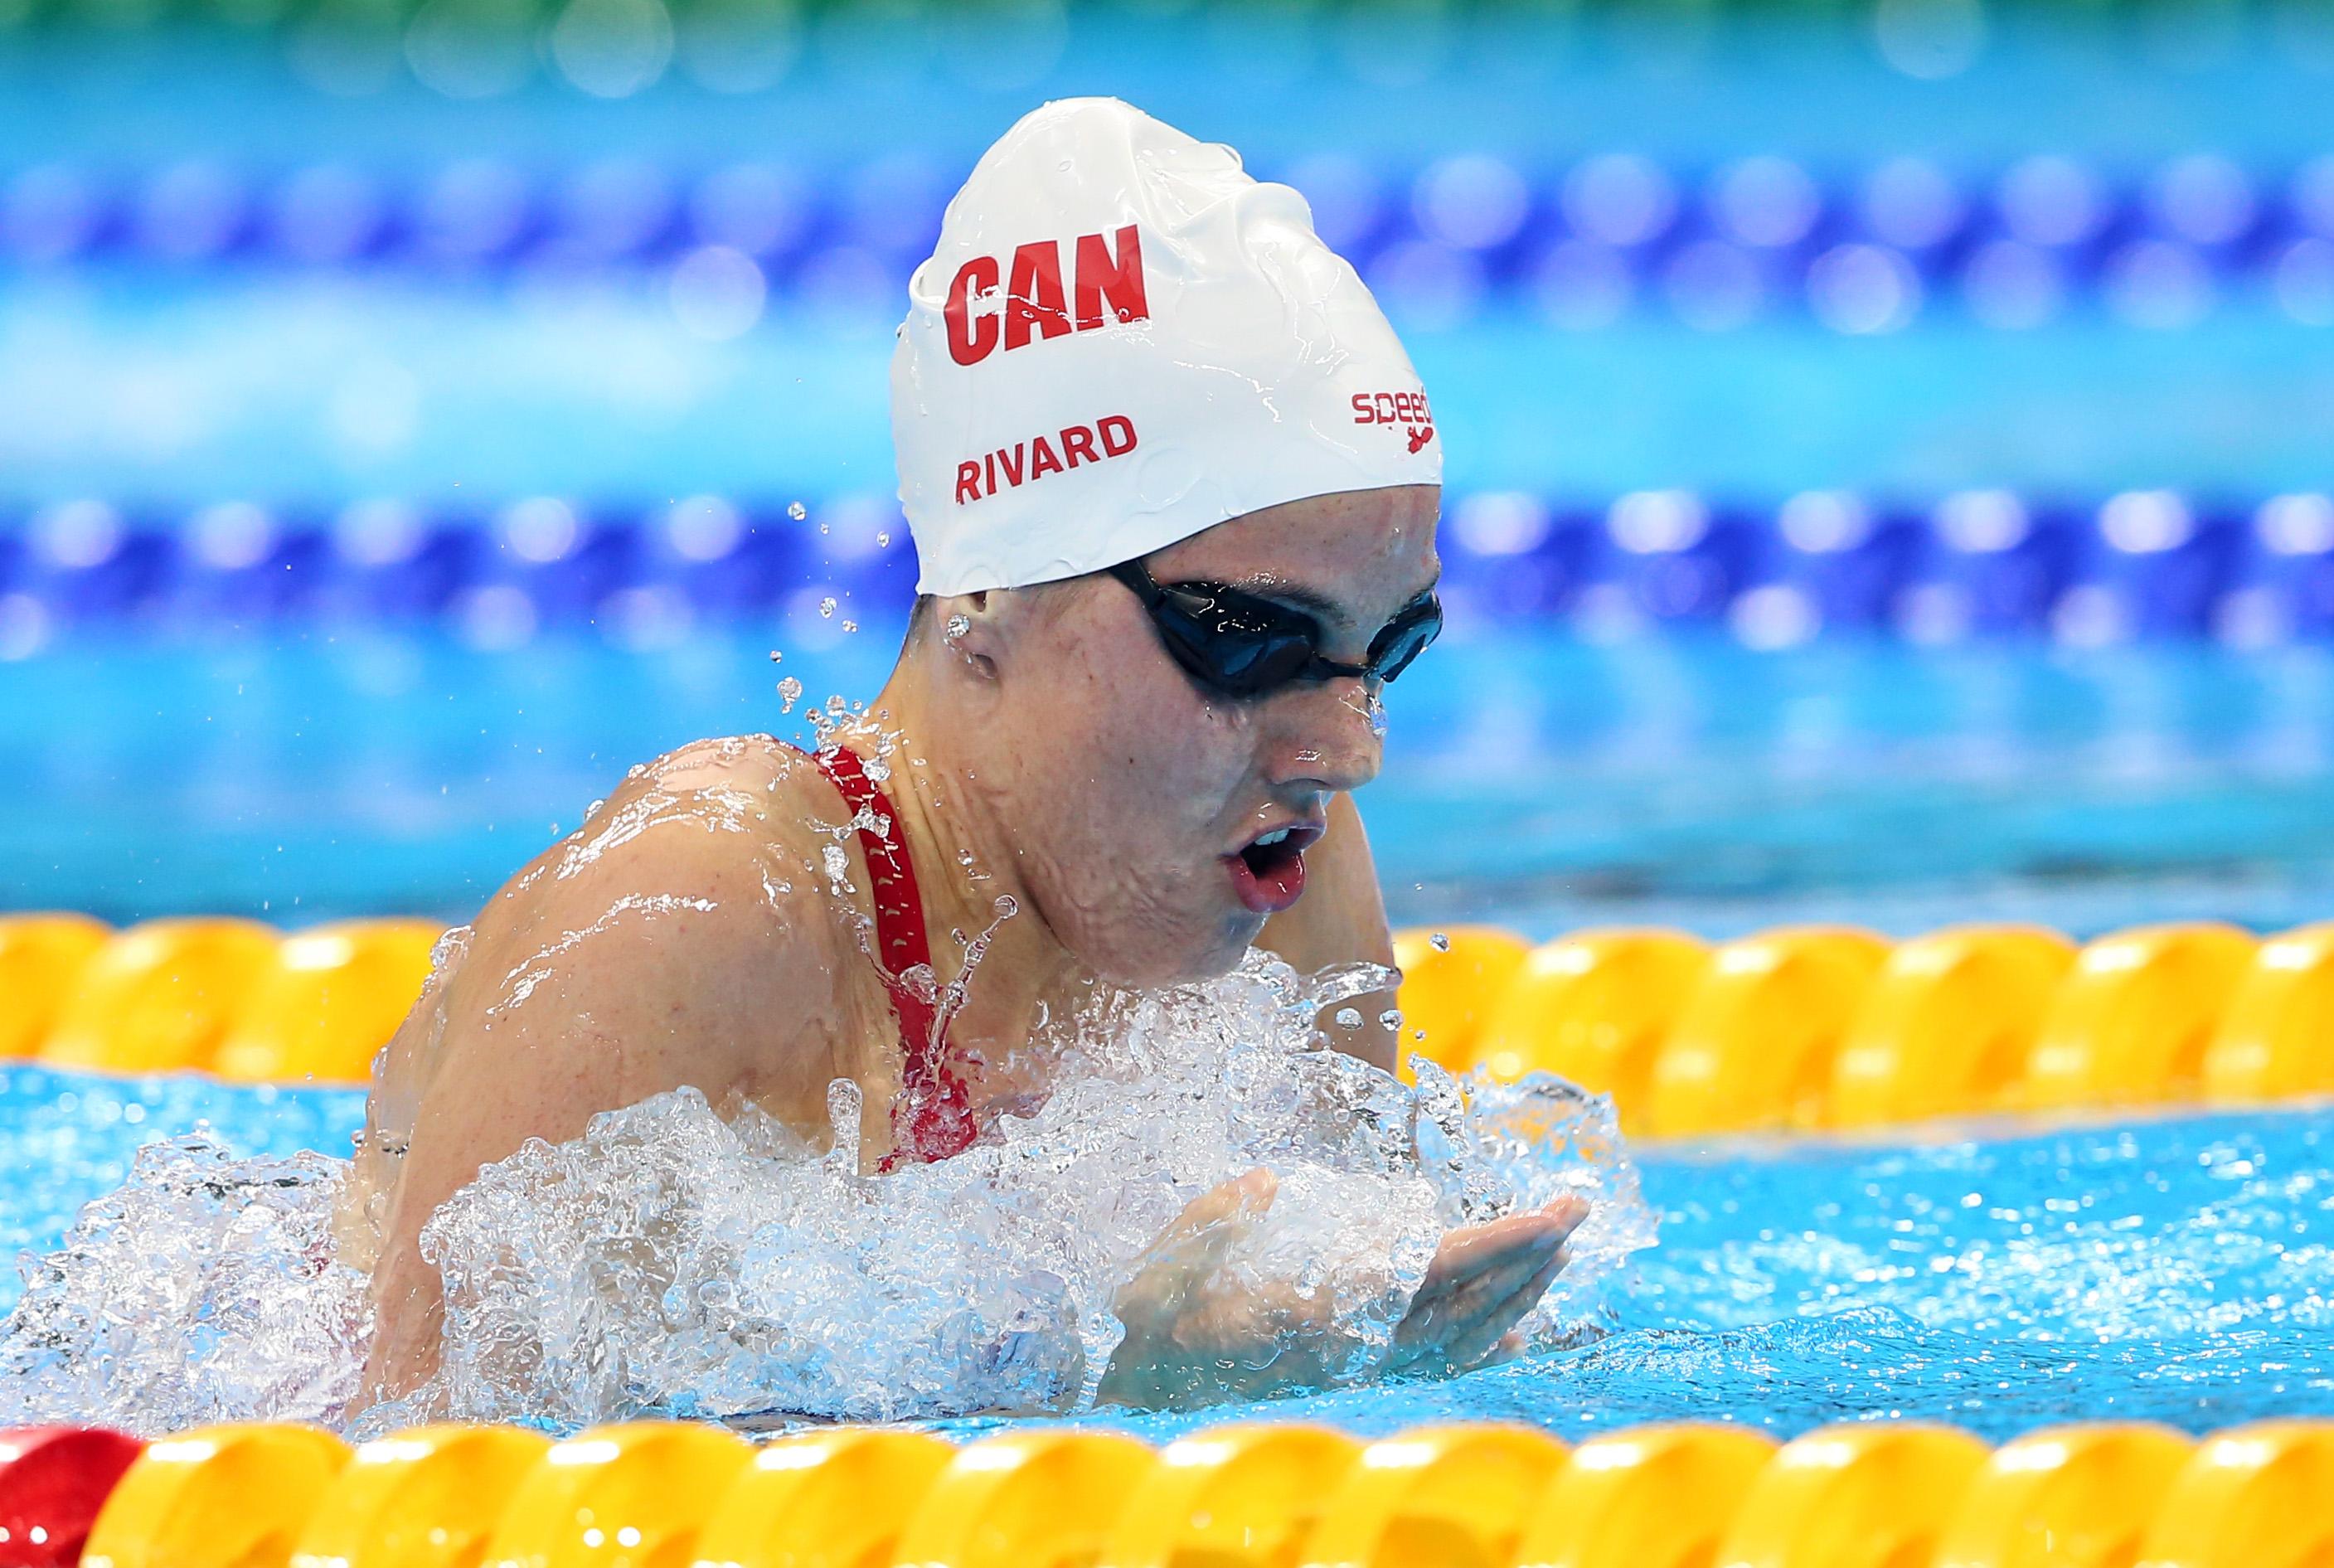 Aurélie Rivard bat son propre record du monde